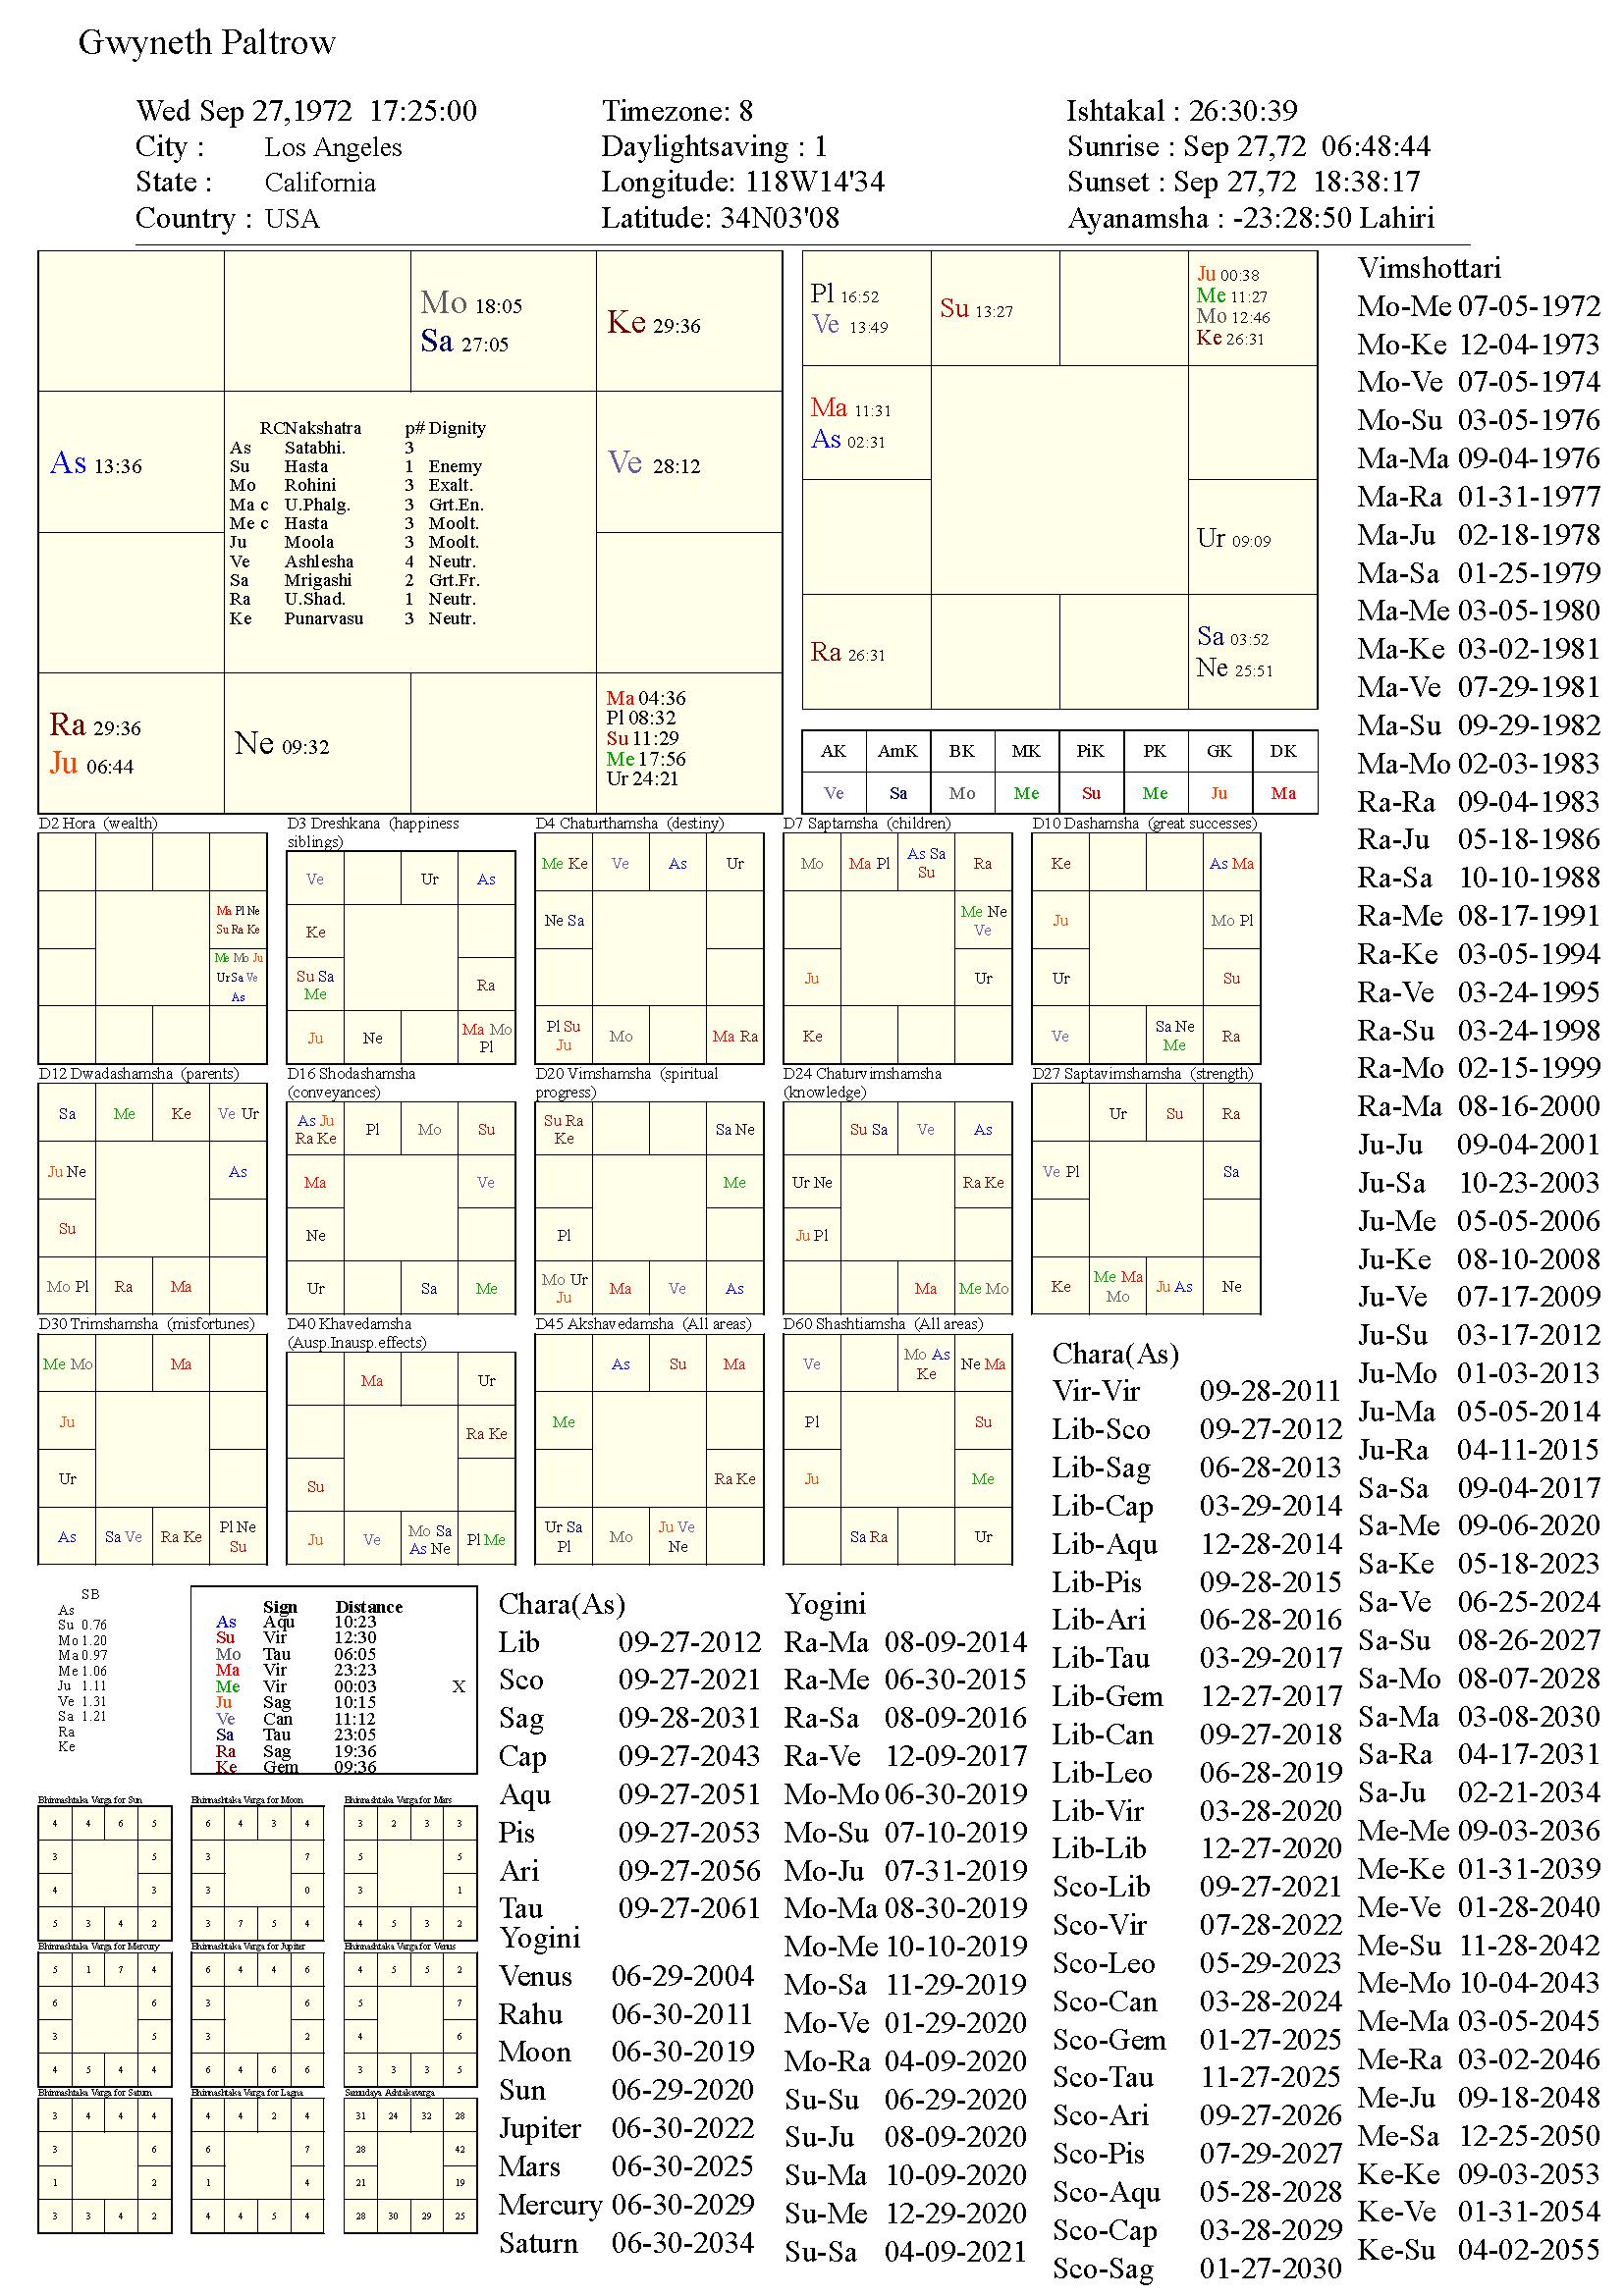 GwynethPaltrow_chart